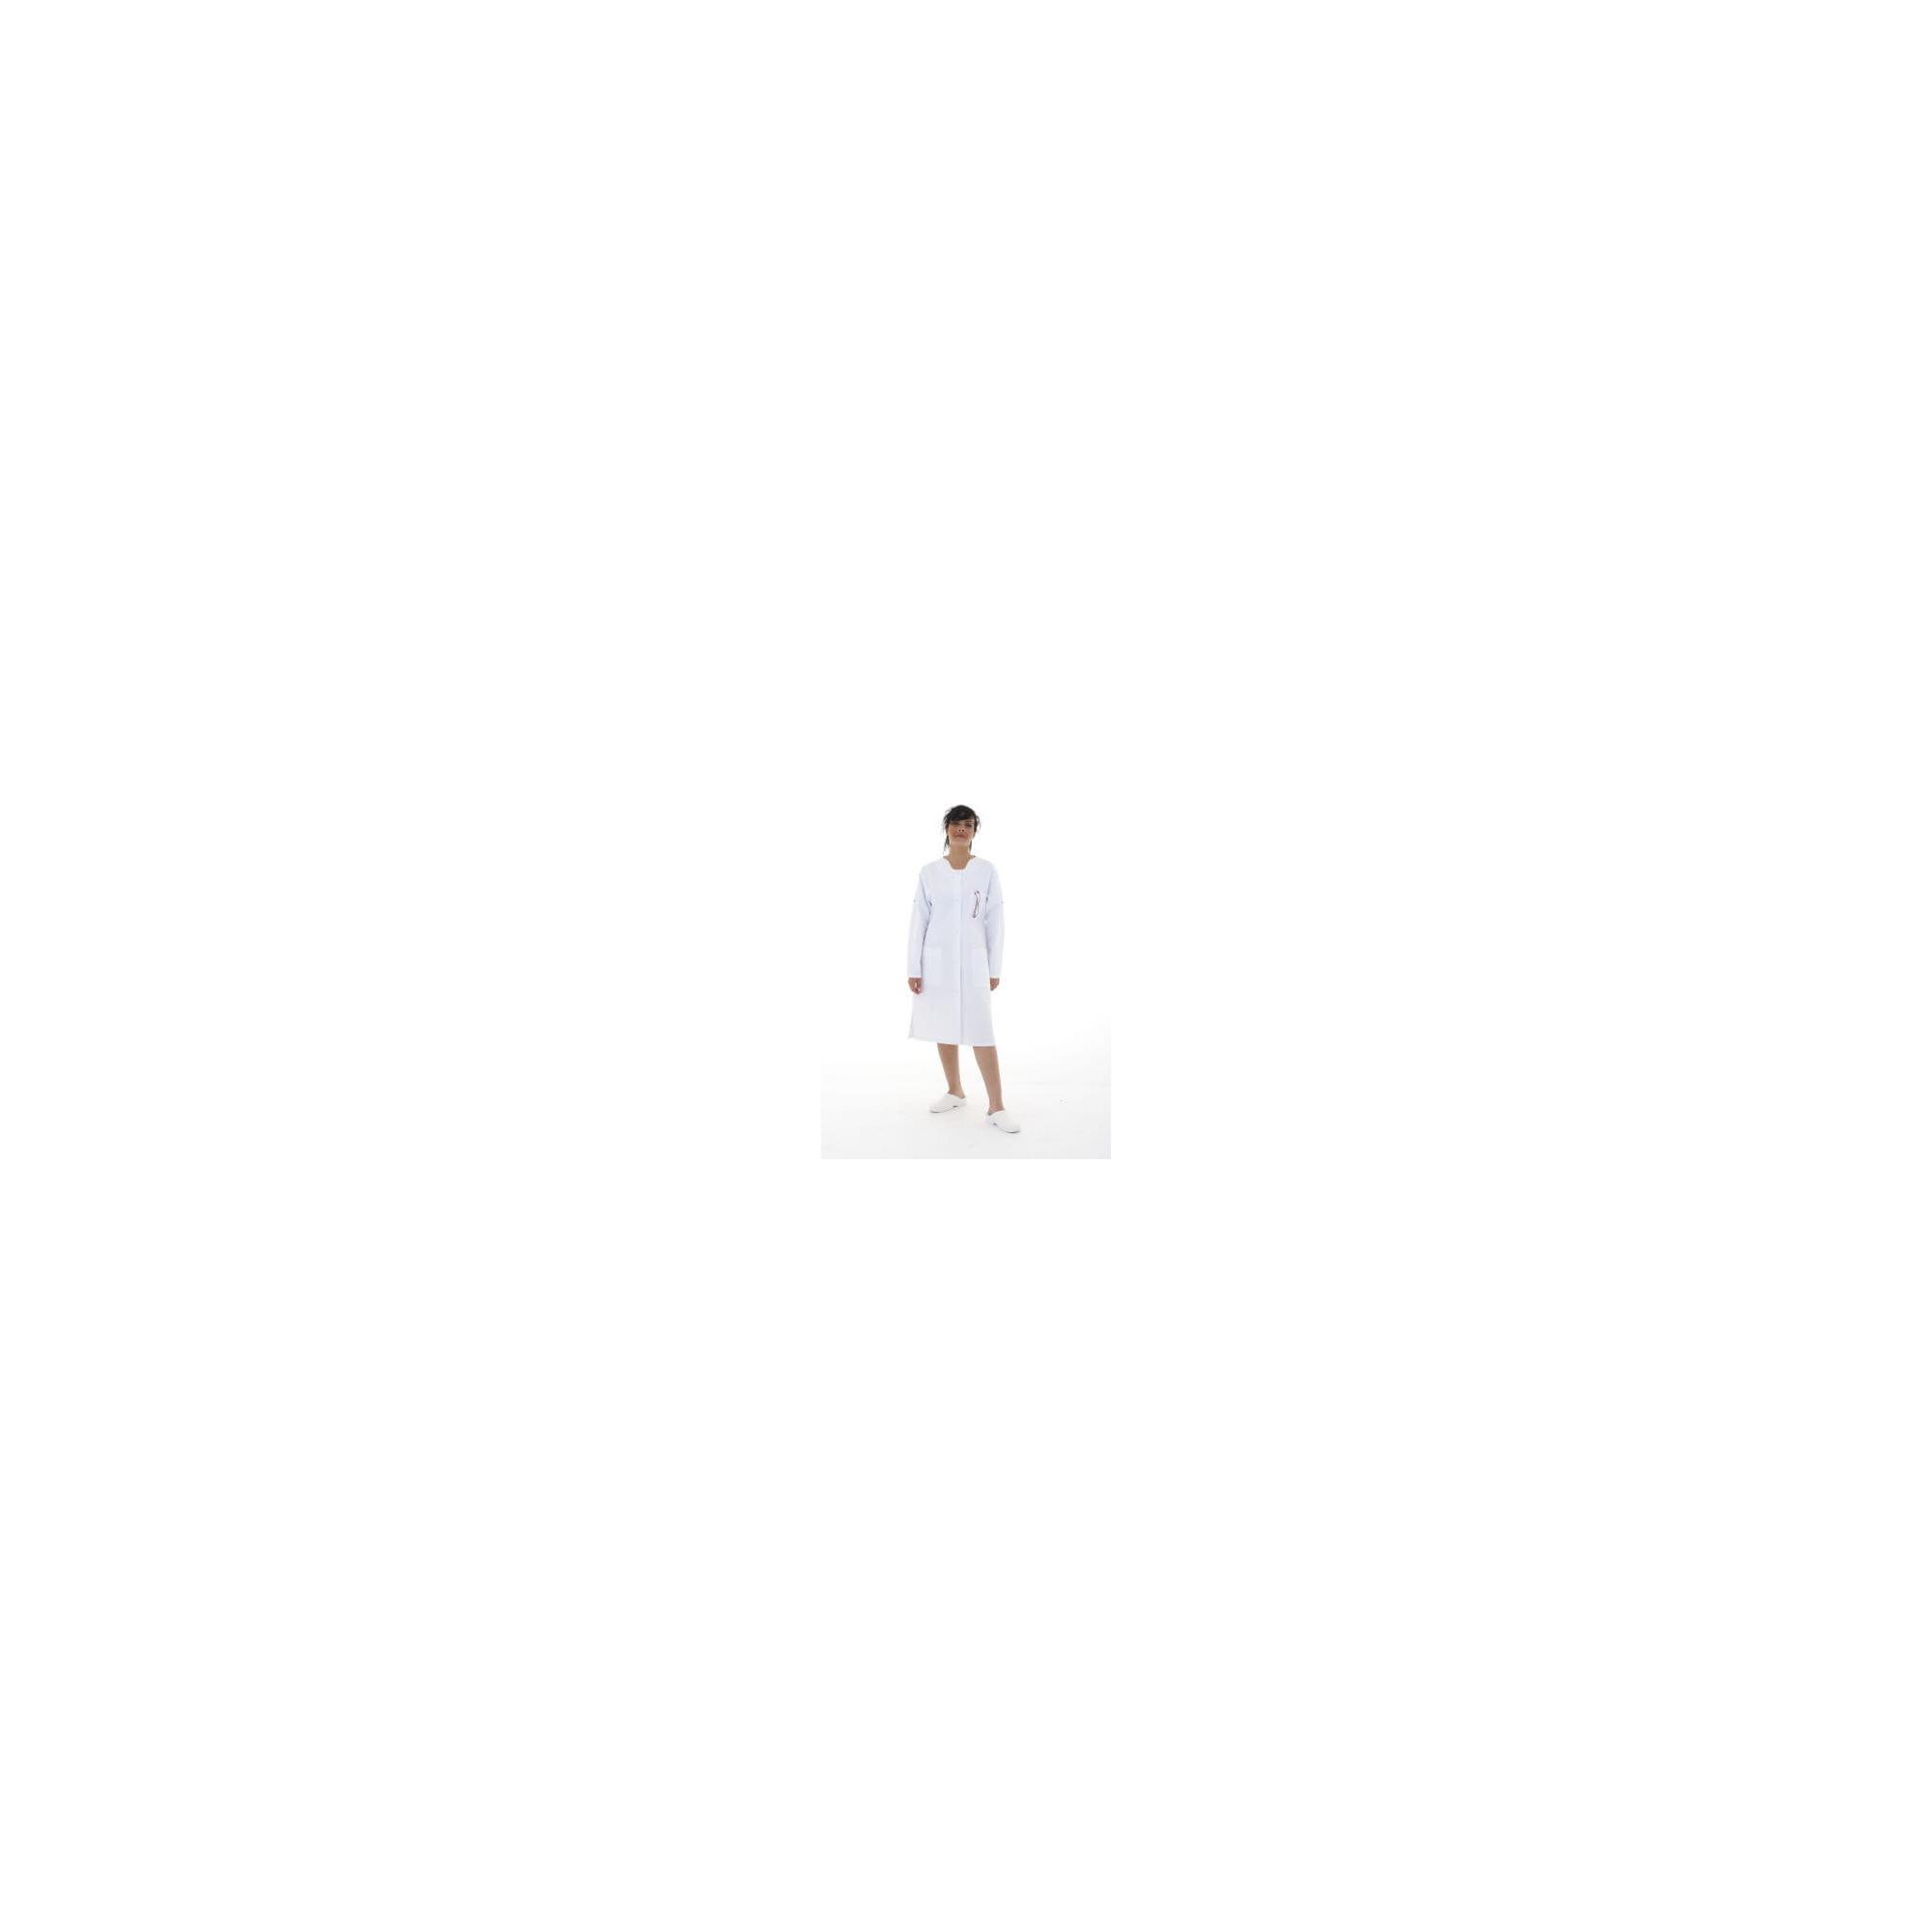 BCI-SCMLT - Blouse longue - Manches longues transformables - Femme - 105 cm